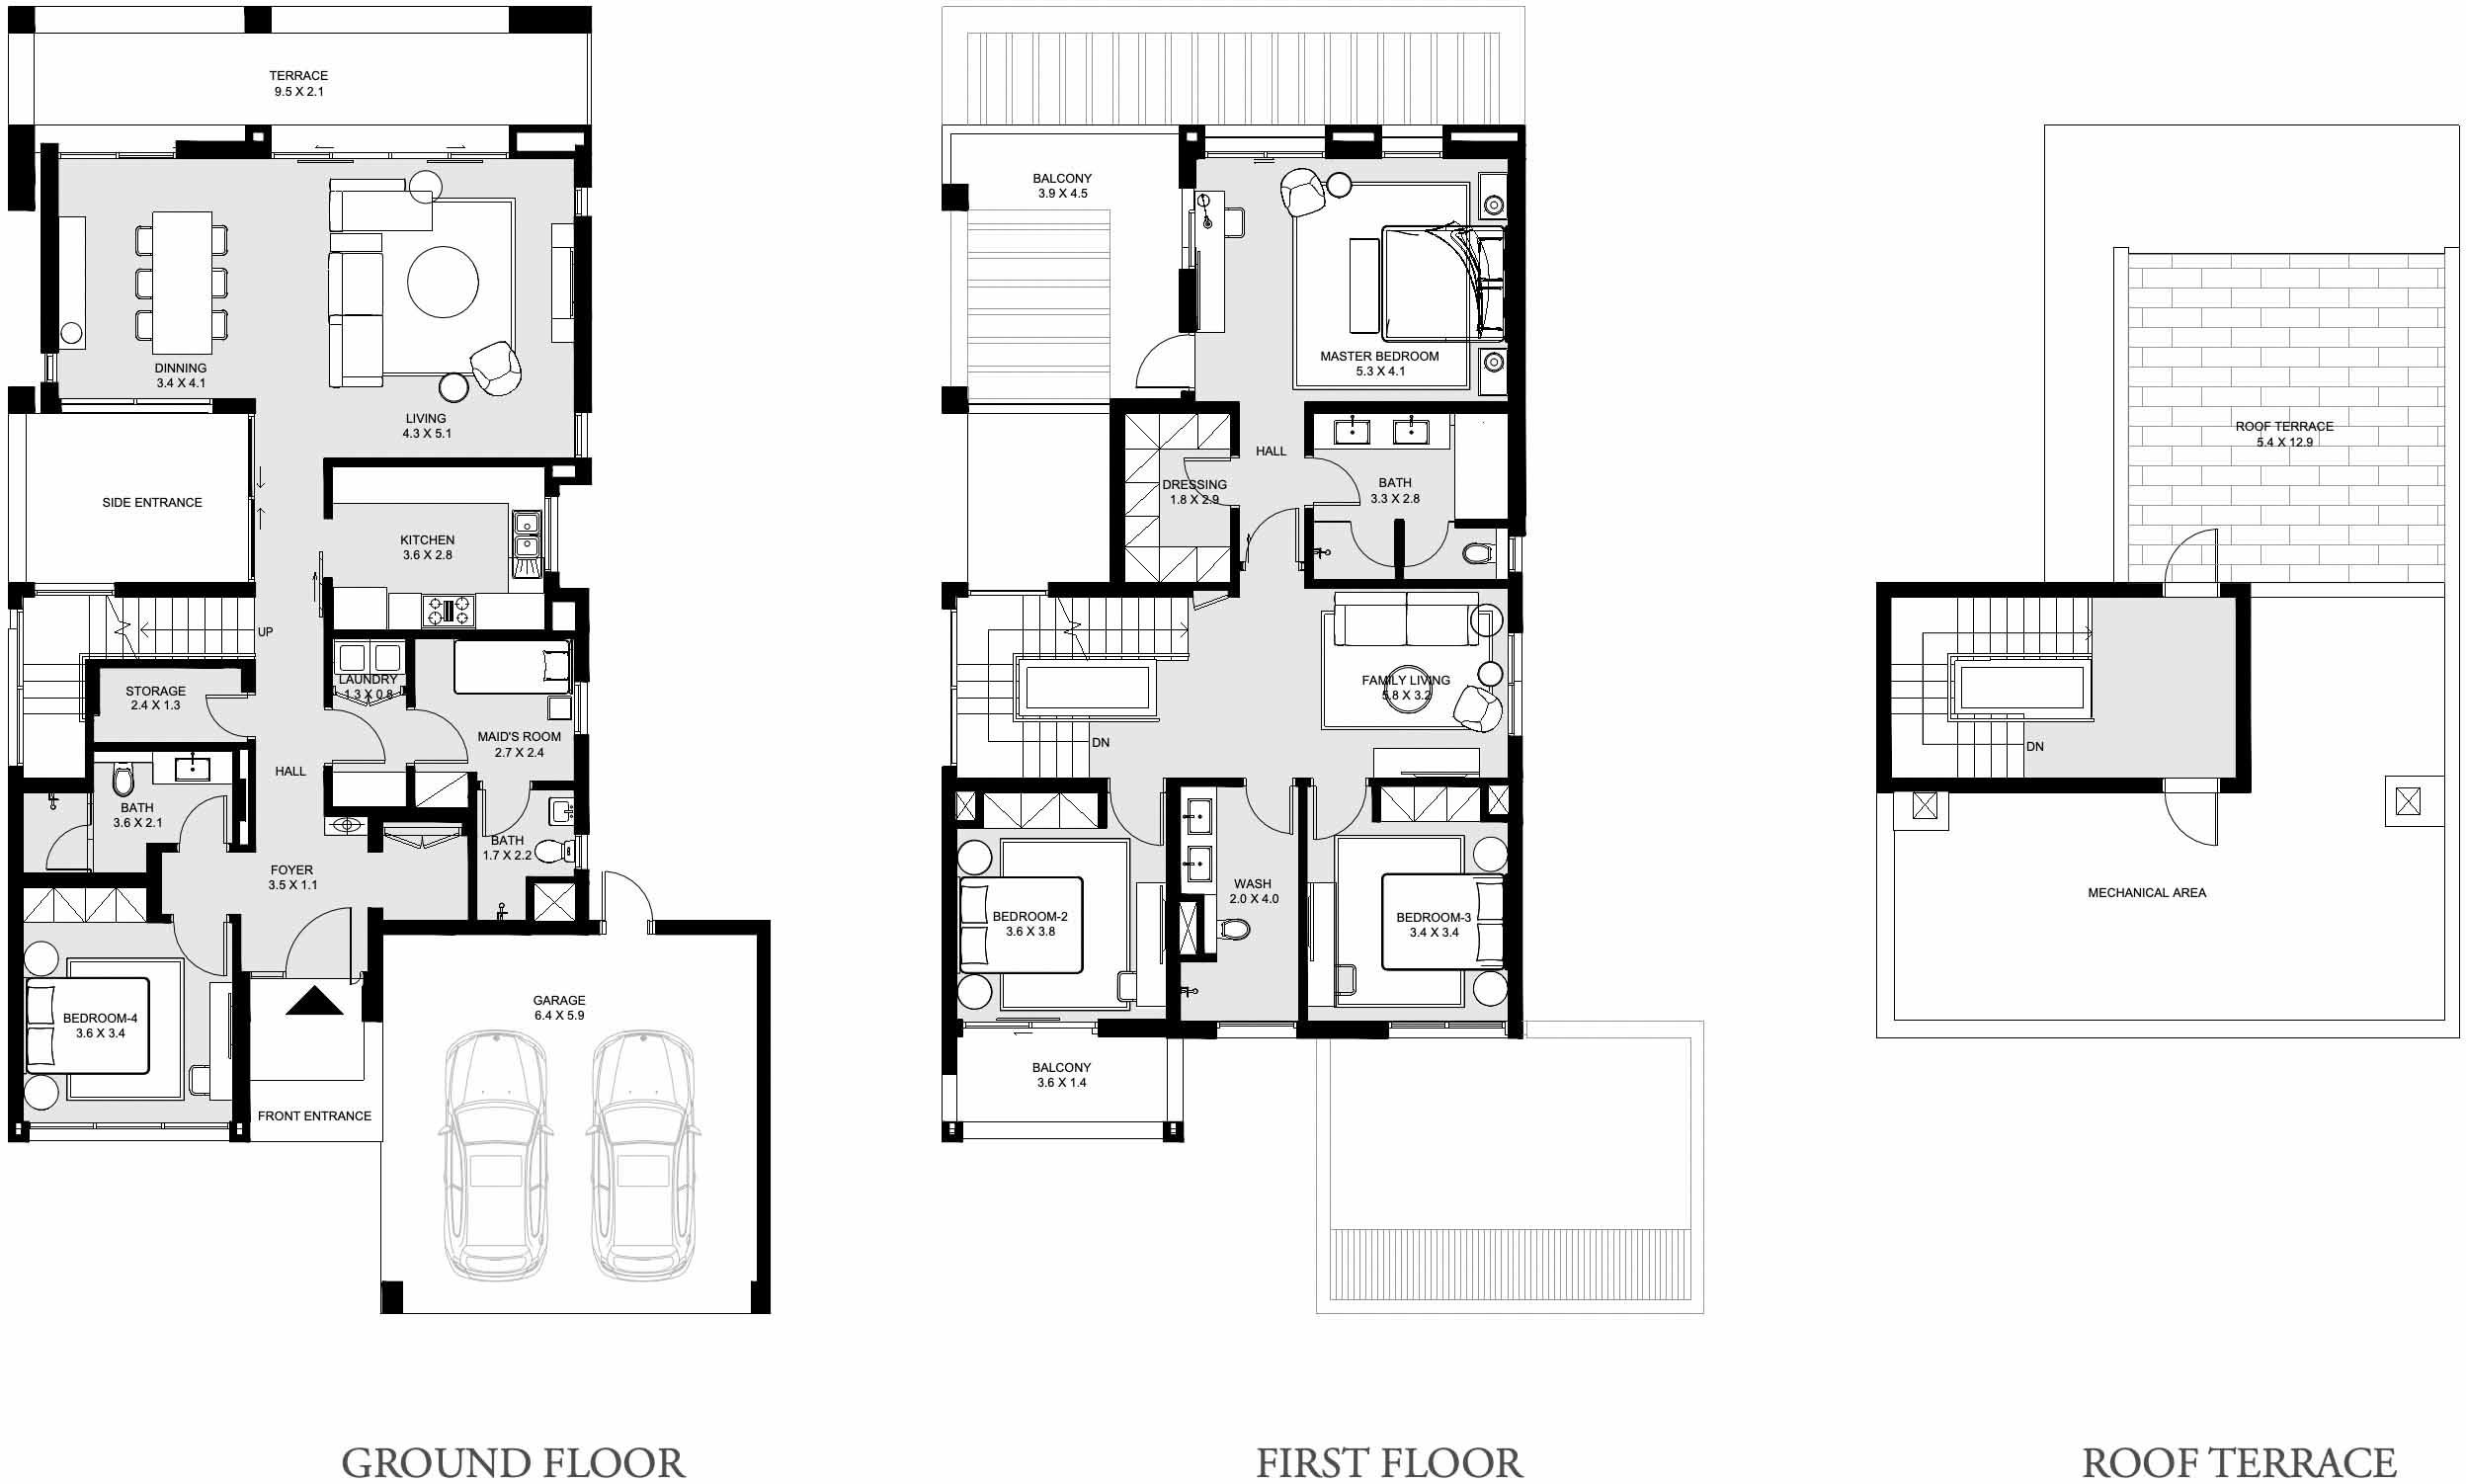 Emaar Caya Villas Floor Plans – Arabian Ranches III